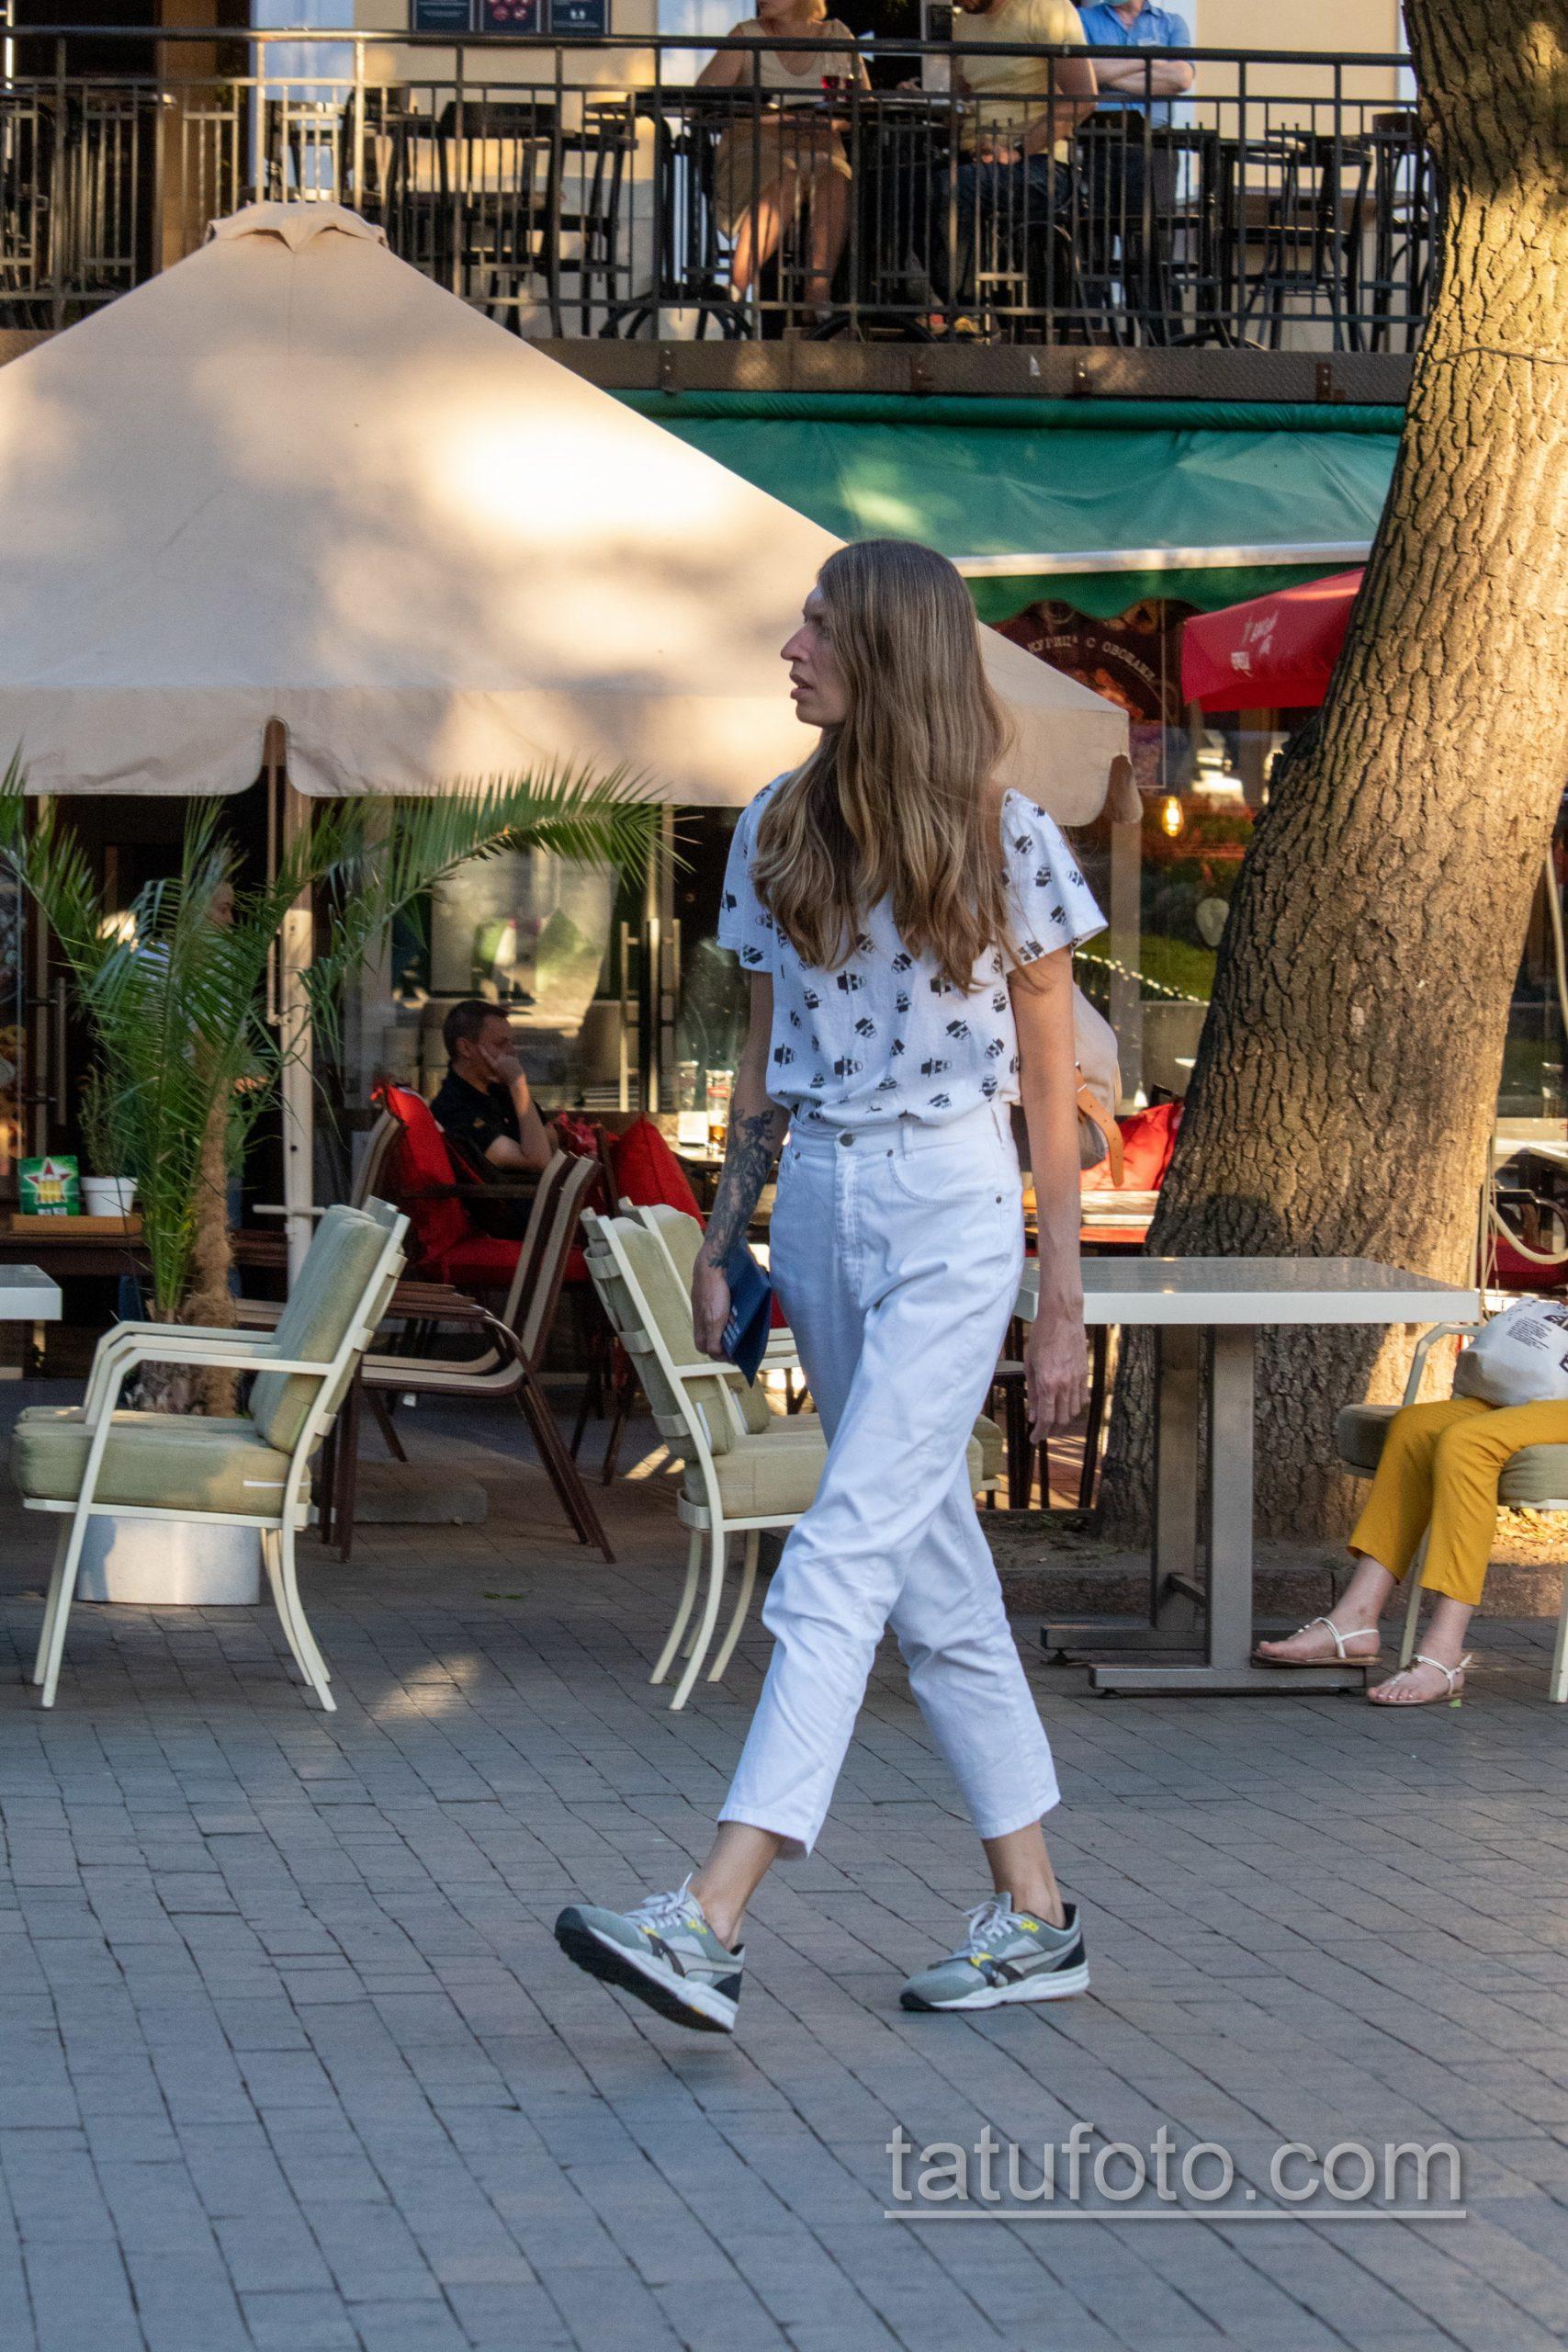 Татуировка Дон Кихот на правой руке девушки – Уличная татуировка 14.09.2020 – tatufoto.com 4